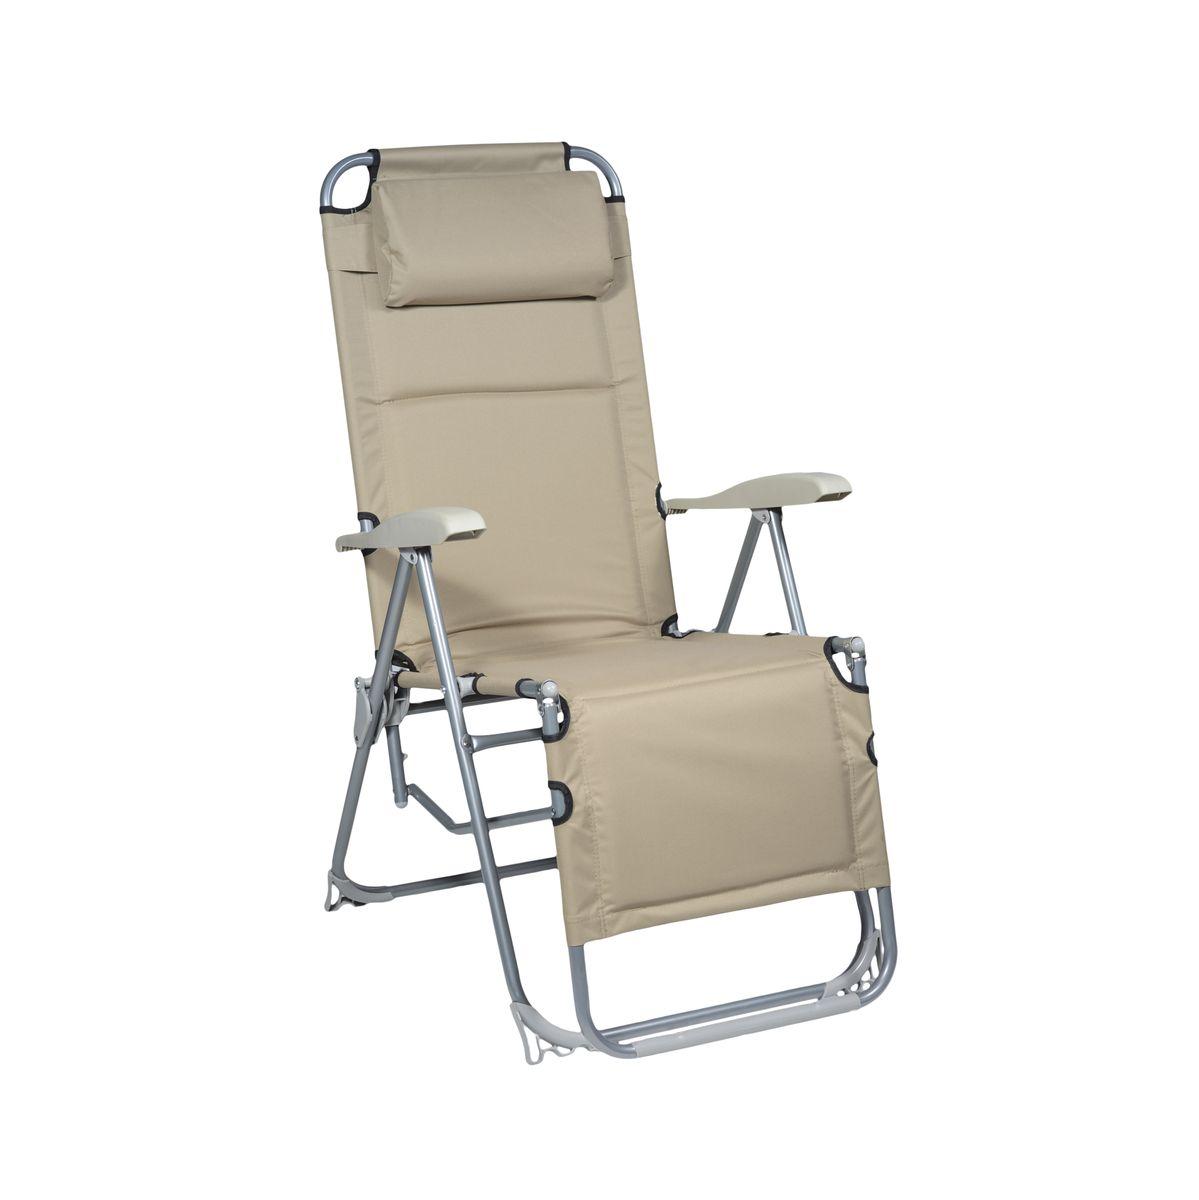 Кресло складное Green Glade, 84 см х 64 см х 114 см3219Складное кресло Green Glade предназначено для создания комфортных условий в туристических походах, рыбалке и кемпинге. Особенности: Компактная складная конструкция. Прочный стальной каркас 22 мм. Прочный полиэстер с поливиниловым покрытием. Пластиковые подлокотники.